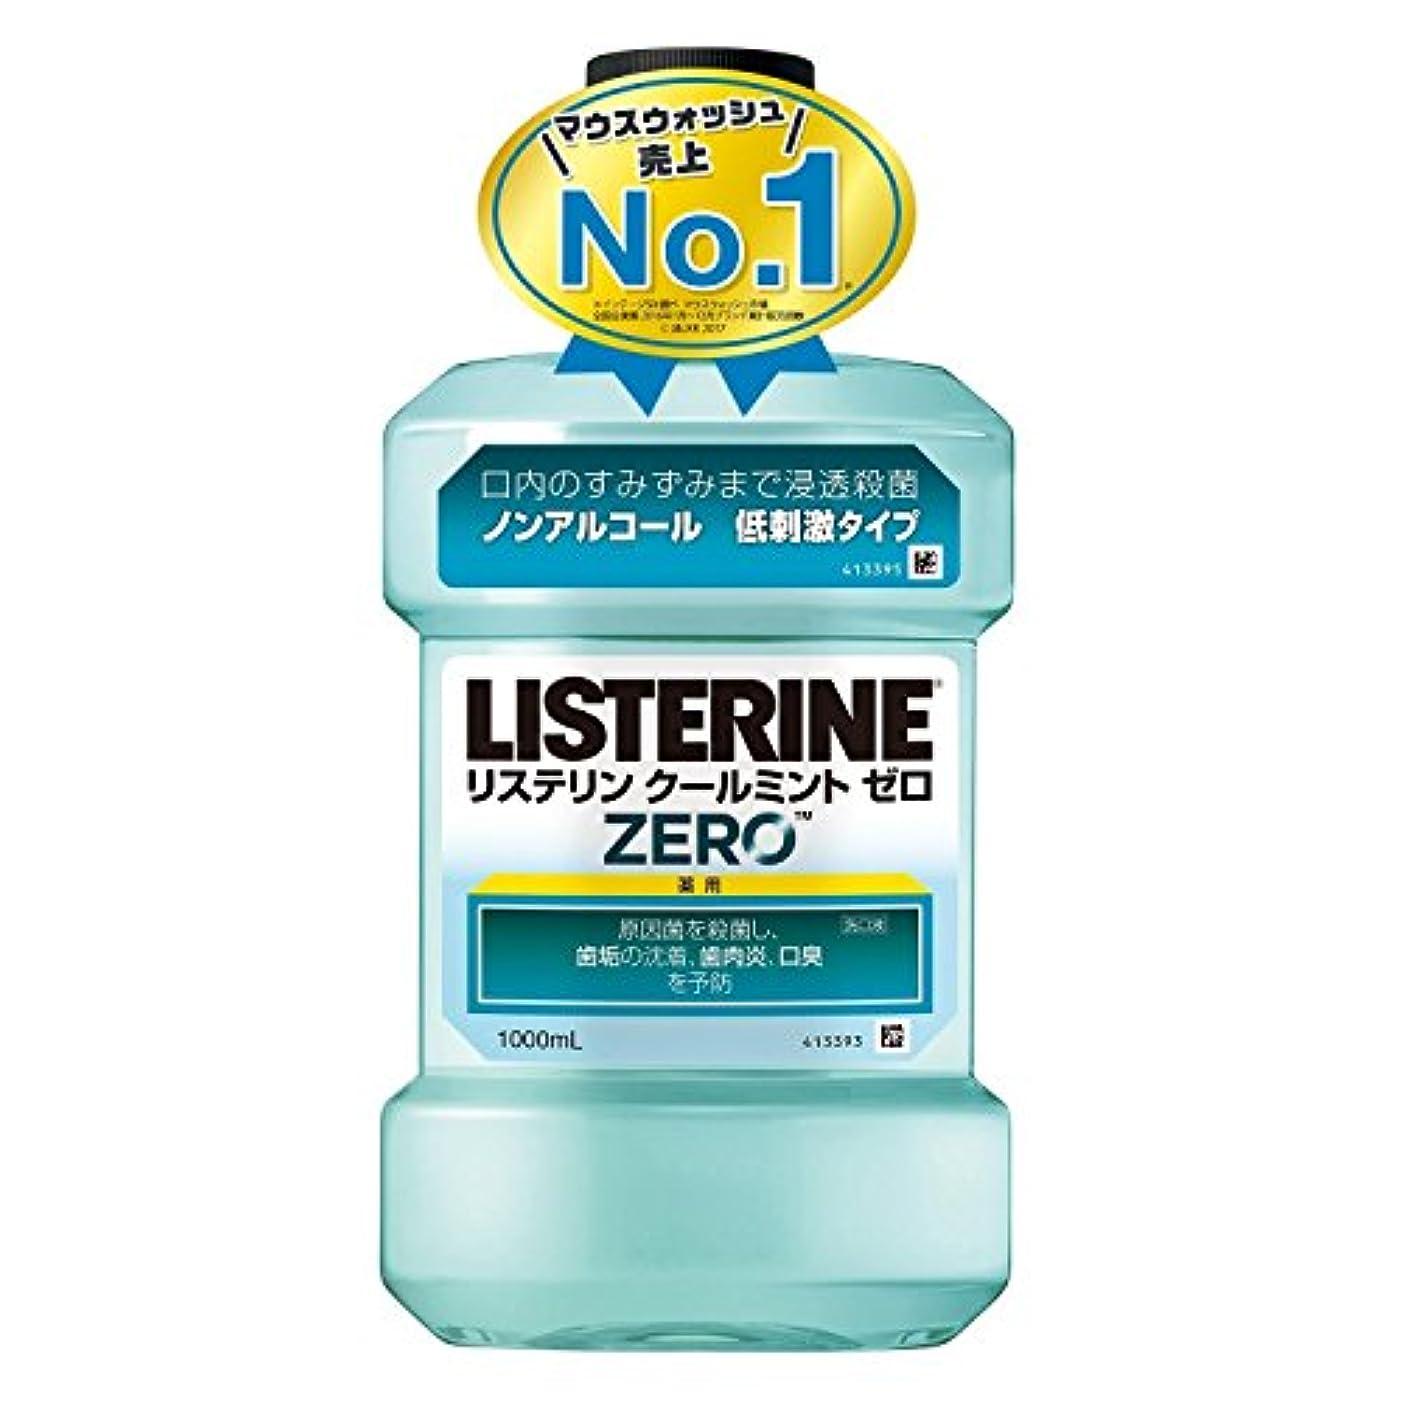 内向き圧縮きらめき【大容量2本】薬用 リステリン クールミントゼロ マウスウォッシュ 低刺激 1000mLx2本(4901730160117-2)